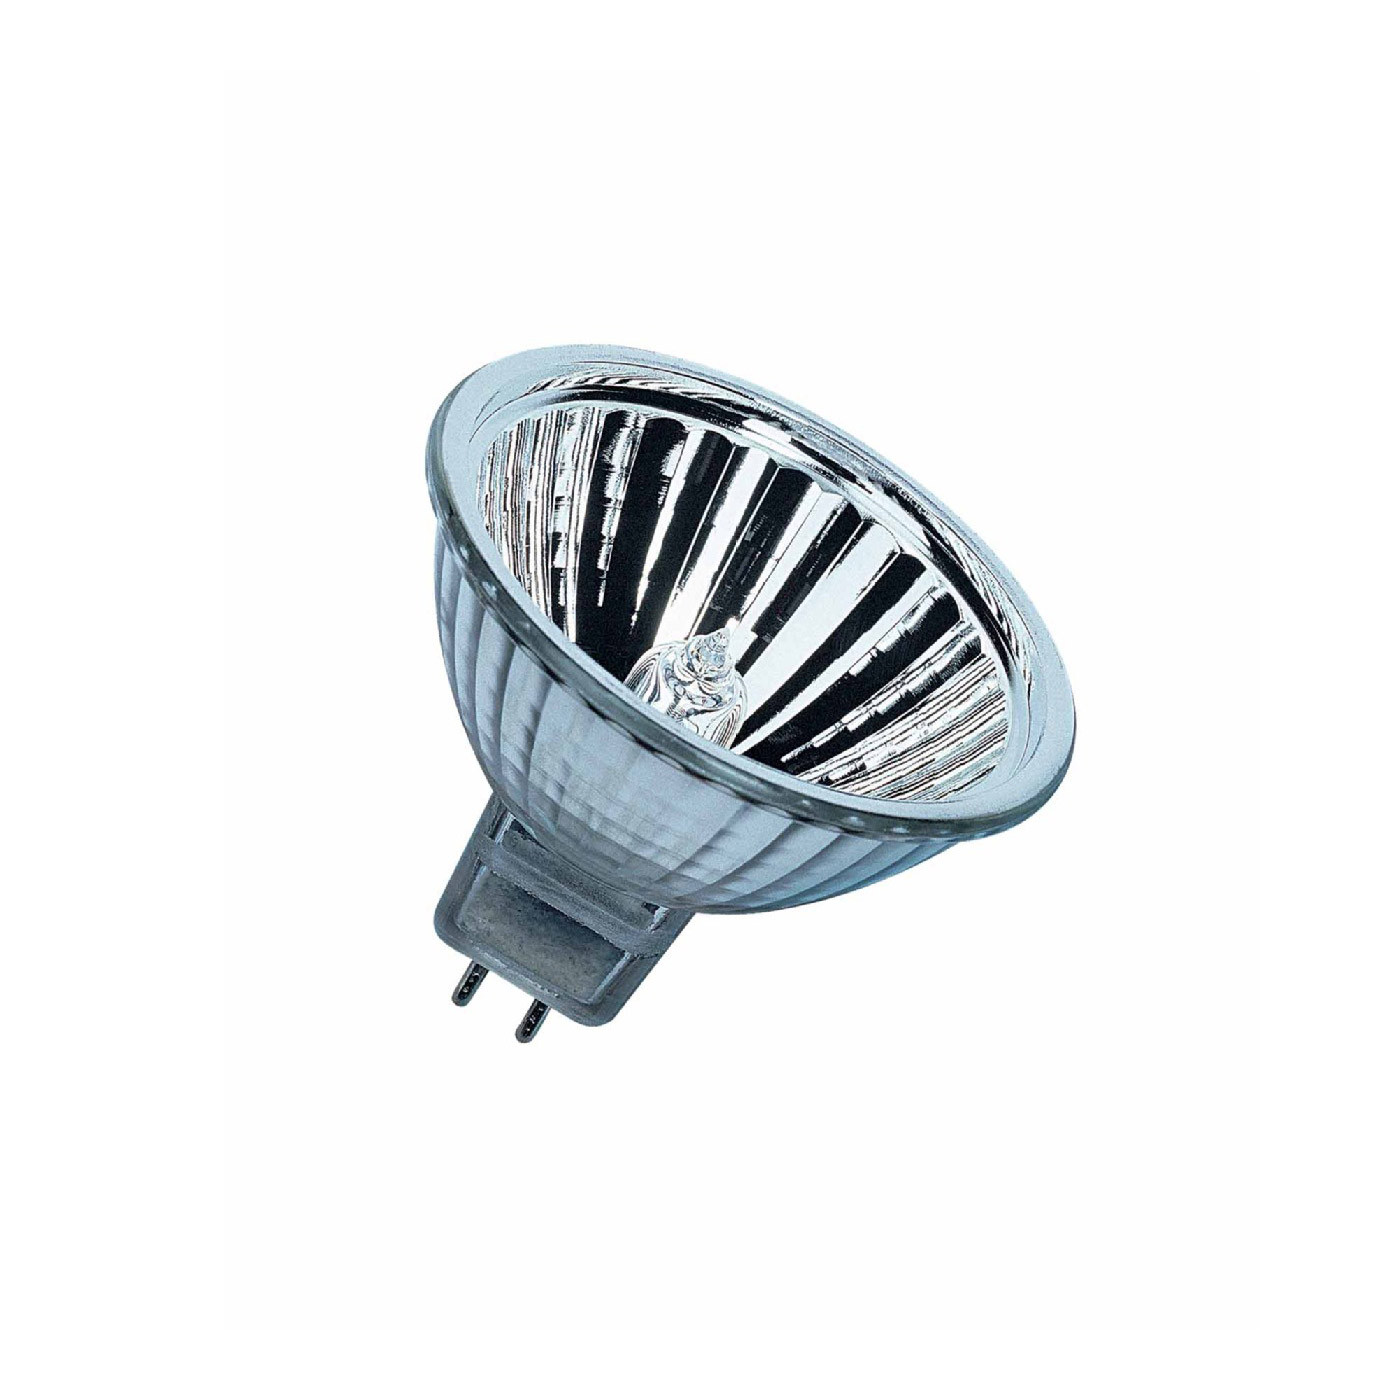 Osram lampe halogène avec réflecteur QR-CBC51 alu 35W 12V 36° GU5.3